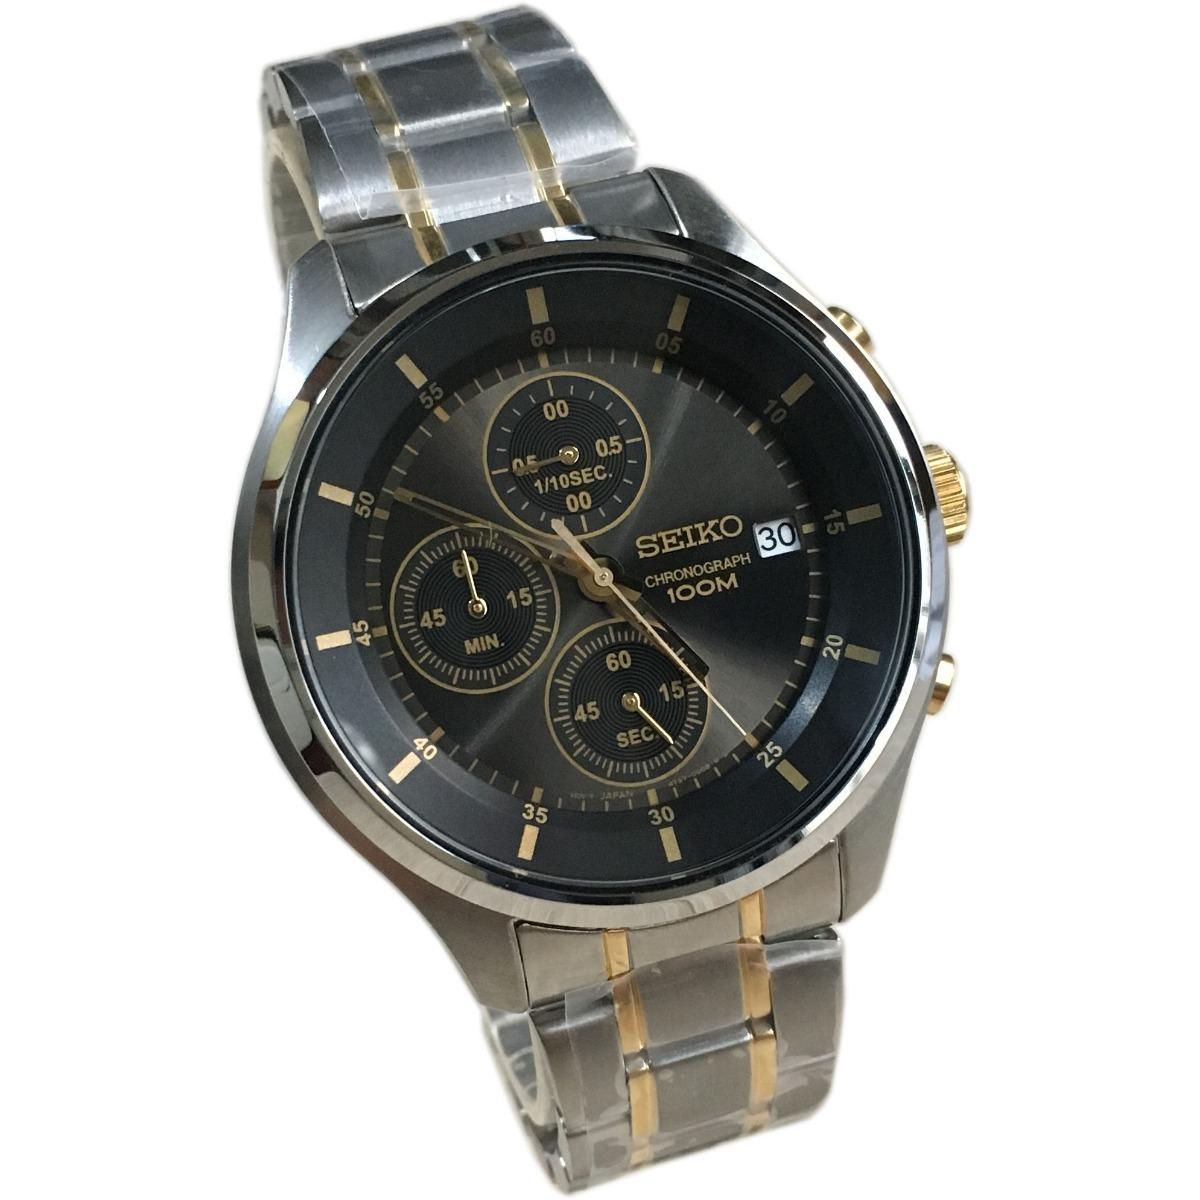 008179c4b32 relogio seiko cronografo masculino prata cinza. Carregando zoom.